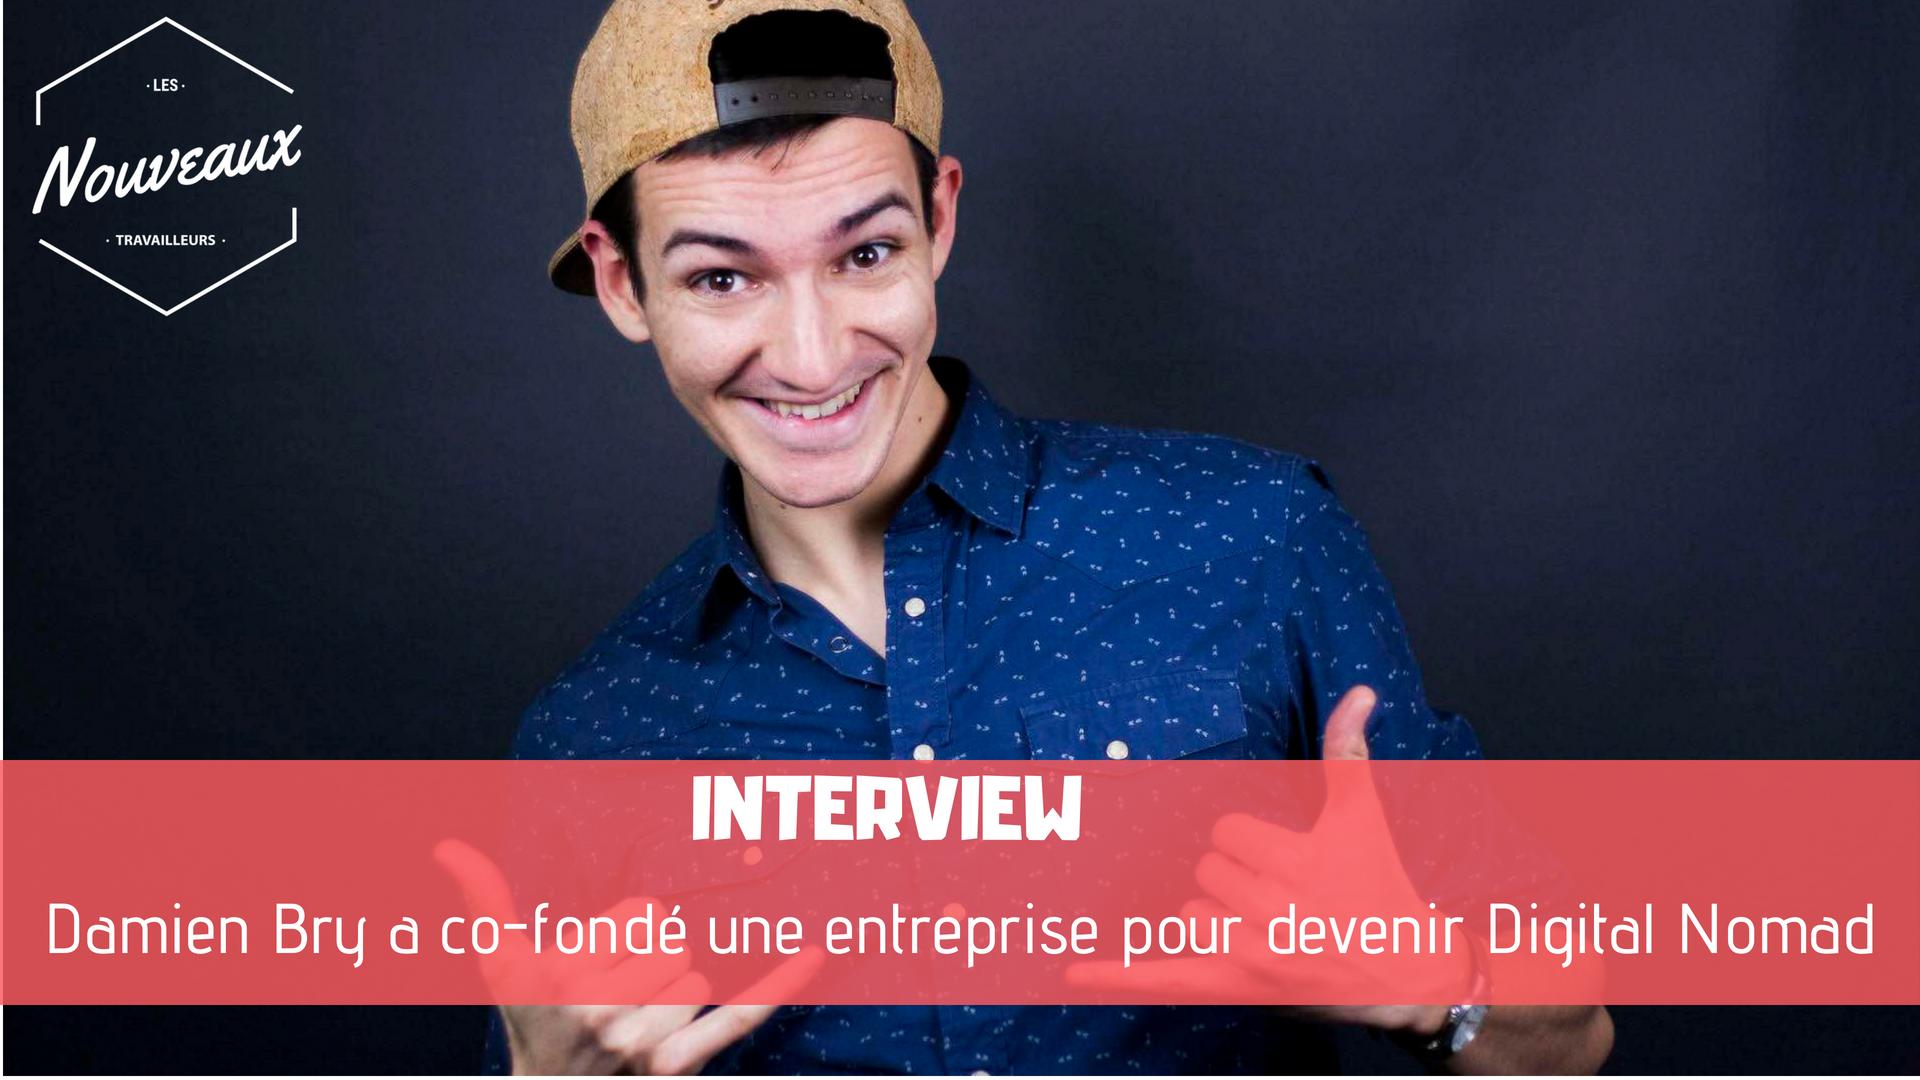 Co-fonder une Entreprise pour devenir Digital Nomad | Interview de Damien Bry